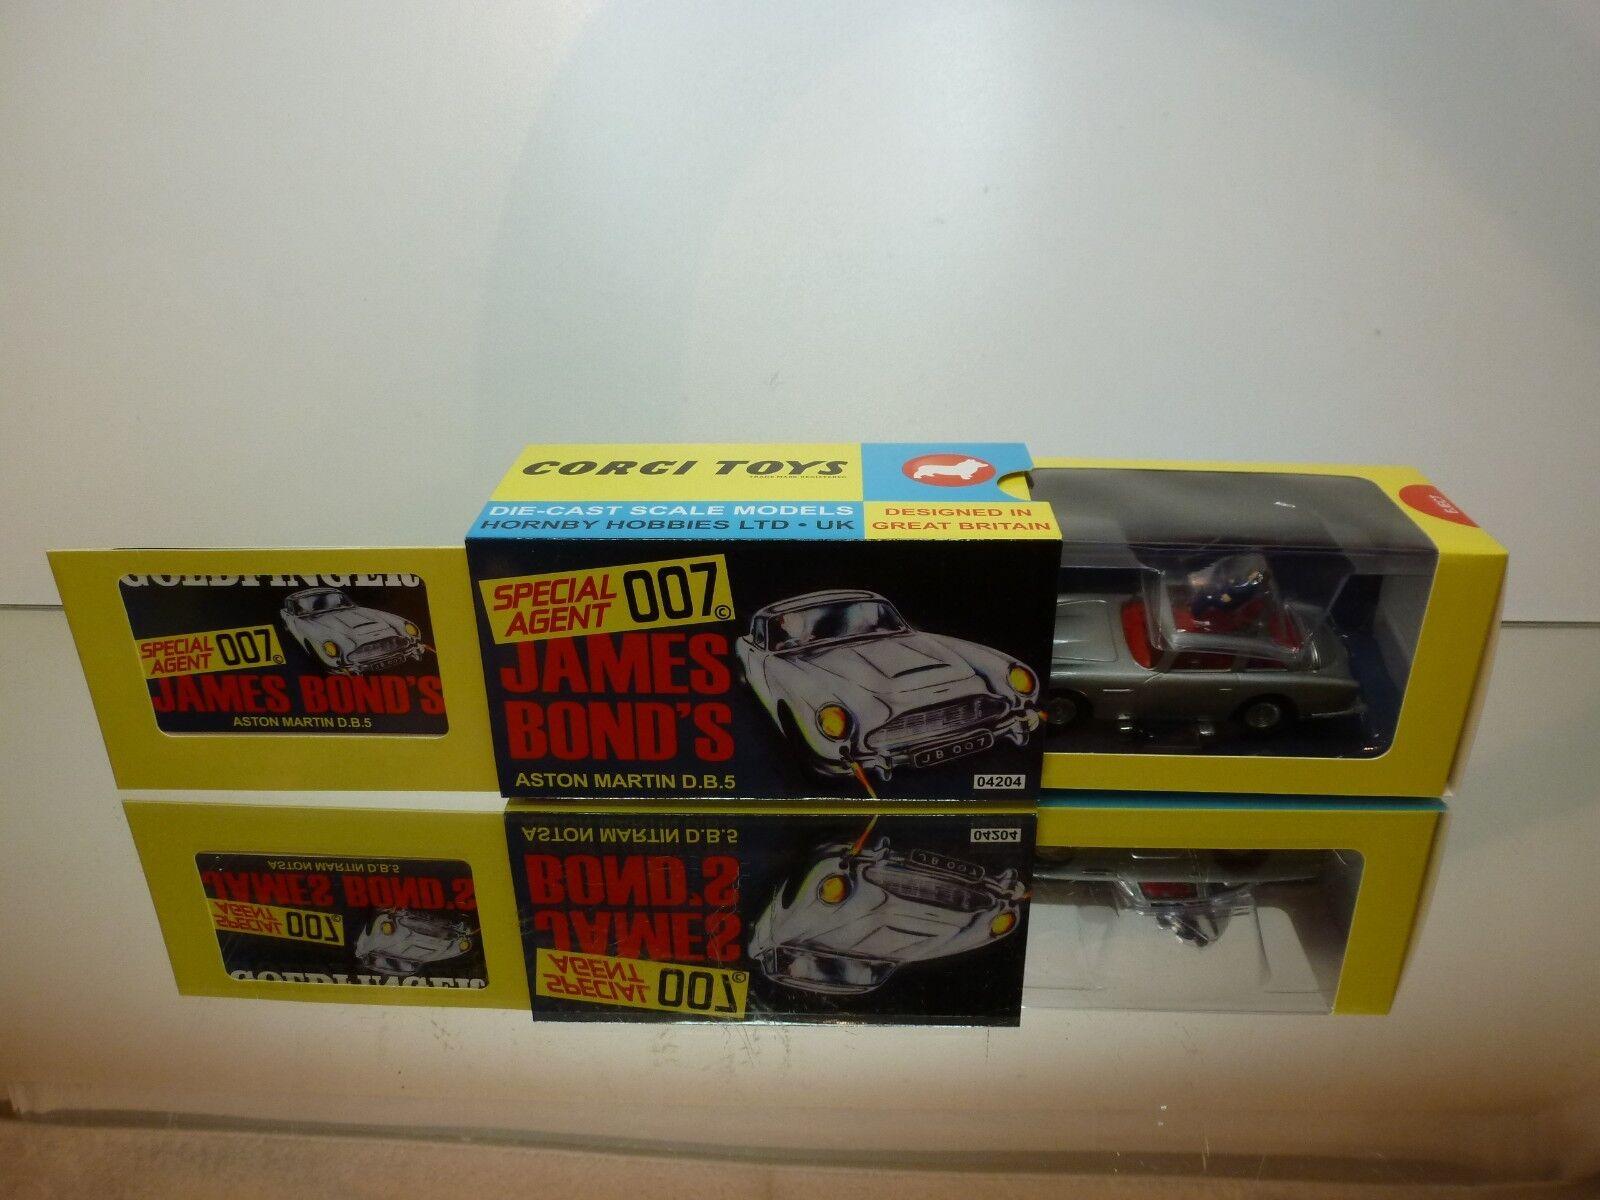 CORGI TOYS 4204 ASTON MARTIN DB5 JAMES BOND 007 -  gris 1 43 - NEAR MINT IN BOX  pas de minimum